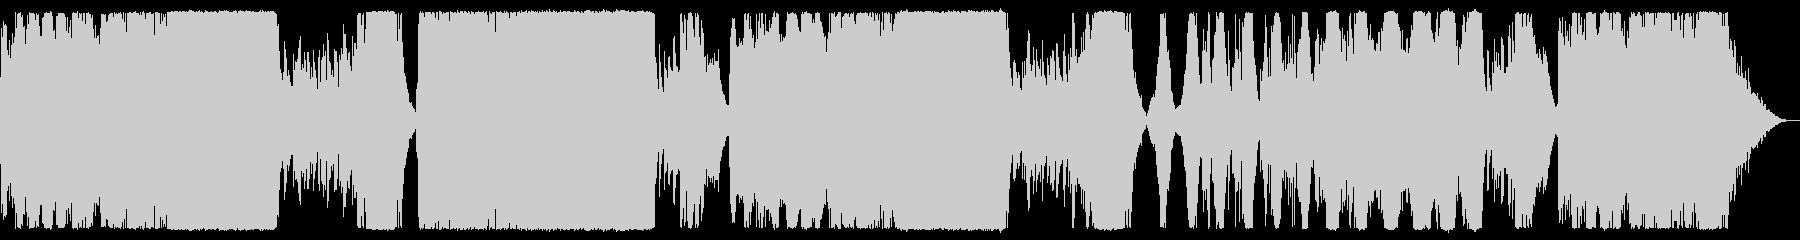 ピアノが幻想的なRPG風曲の未再生の波形